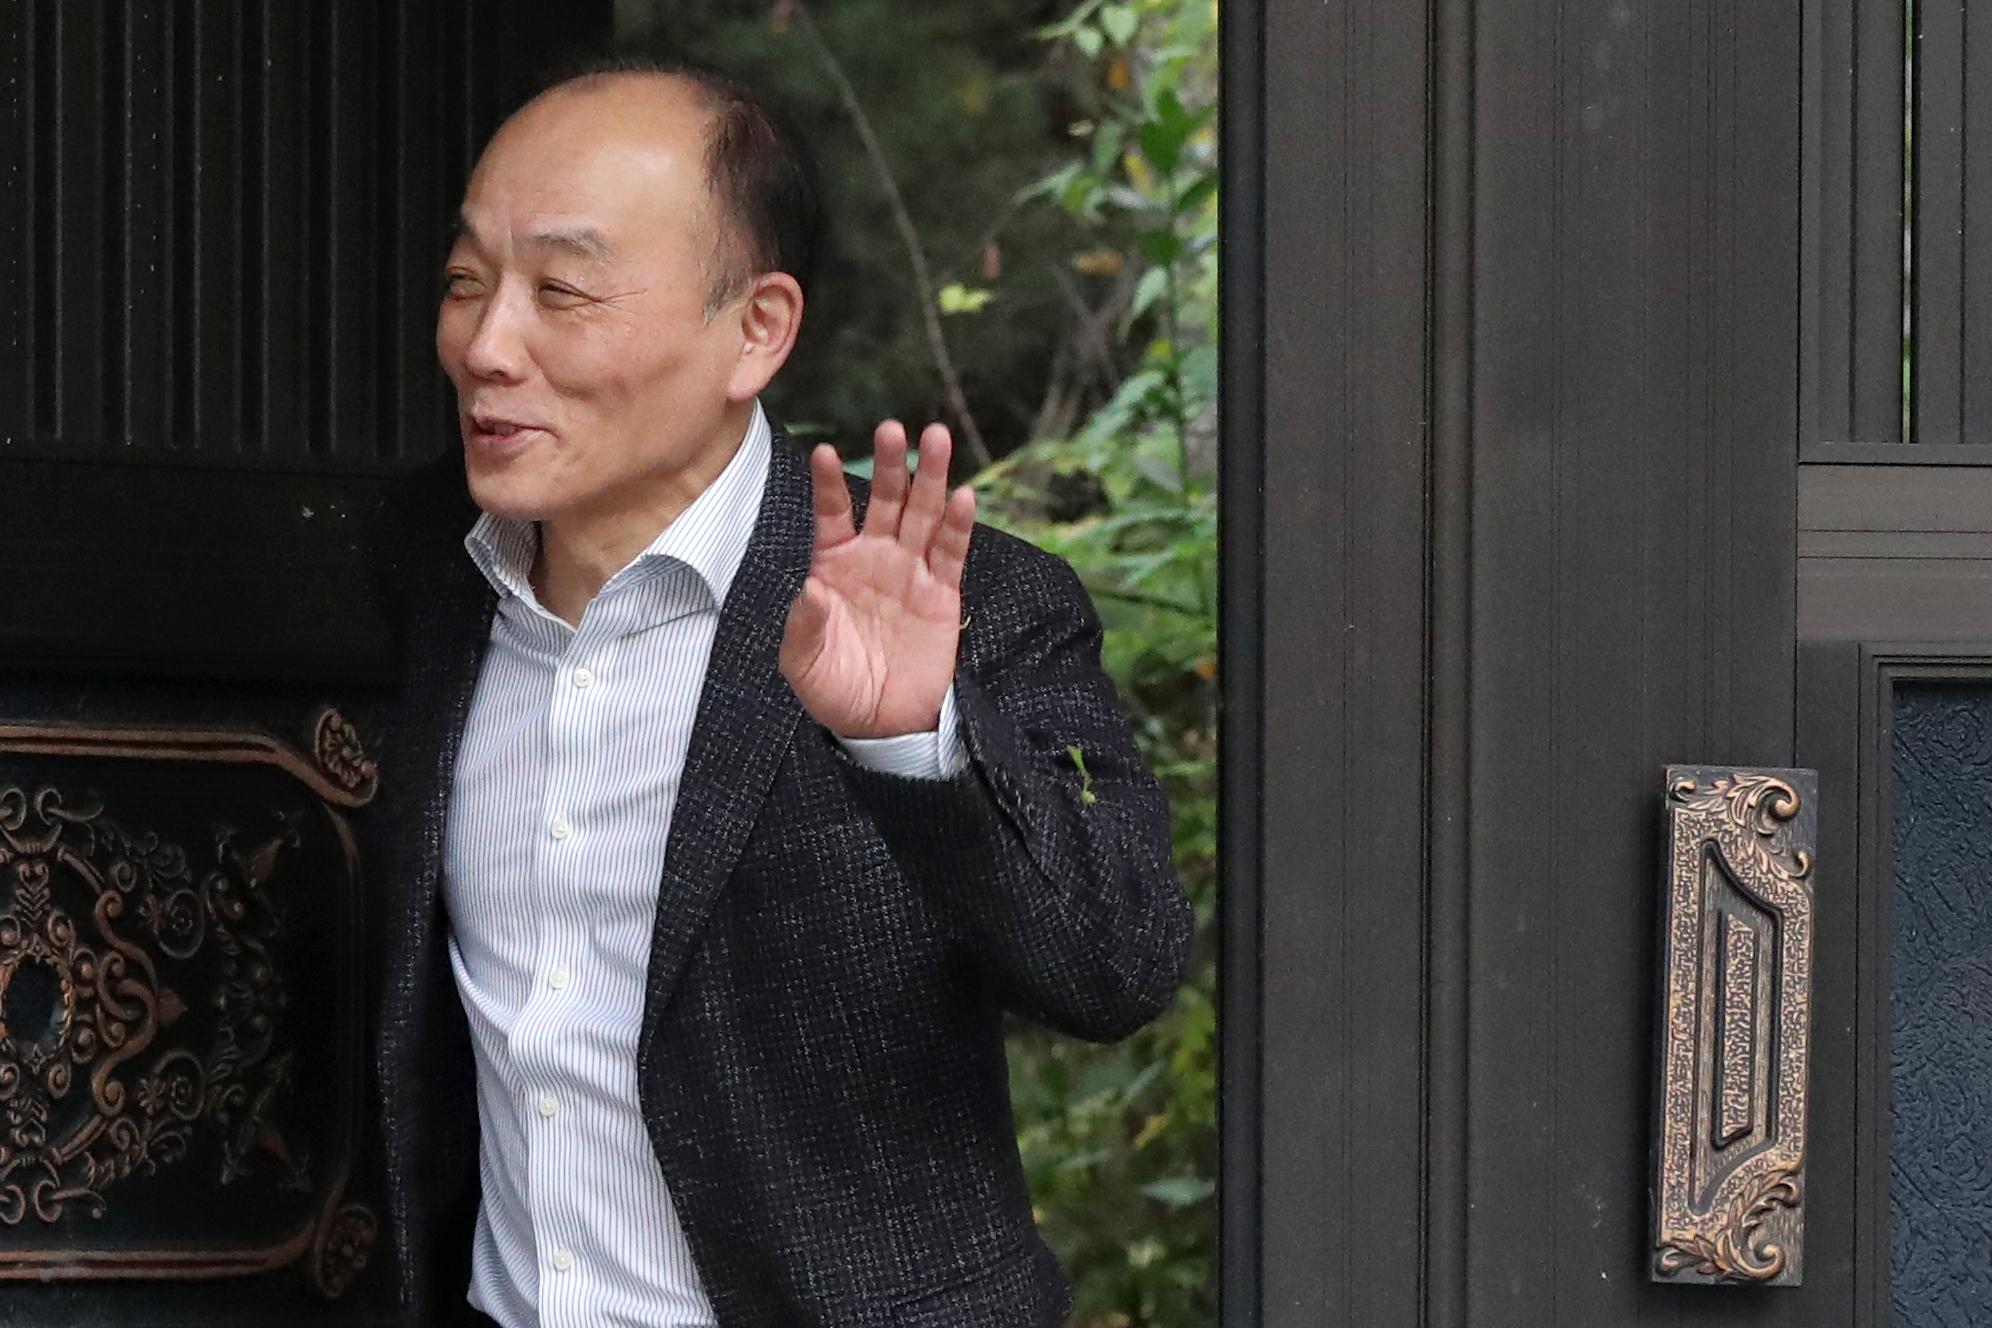 전원책 변호사가 9일 오후 입장발표를 하기 위해 서울 동교동 자택에서 걸어 나오고 있다. [뉴스1]